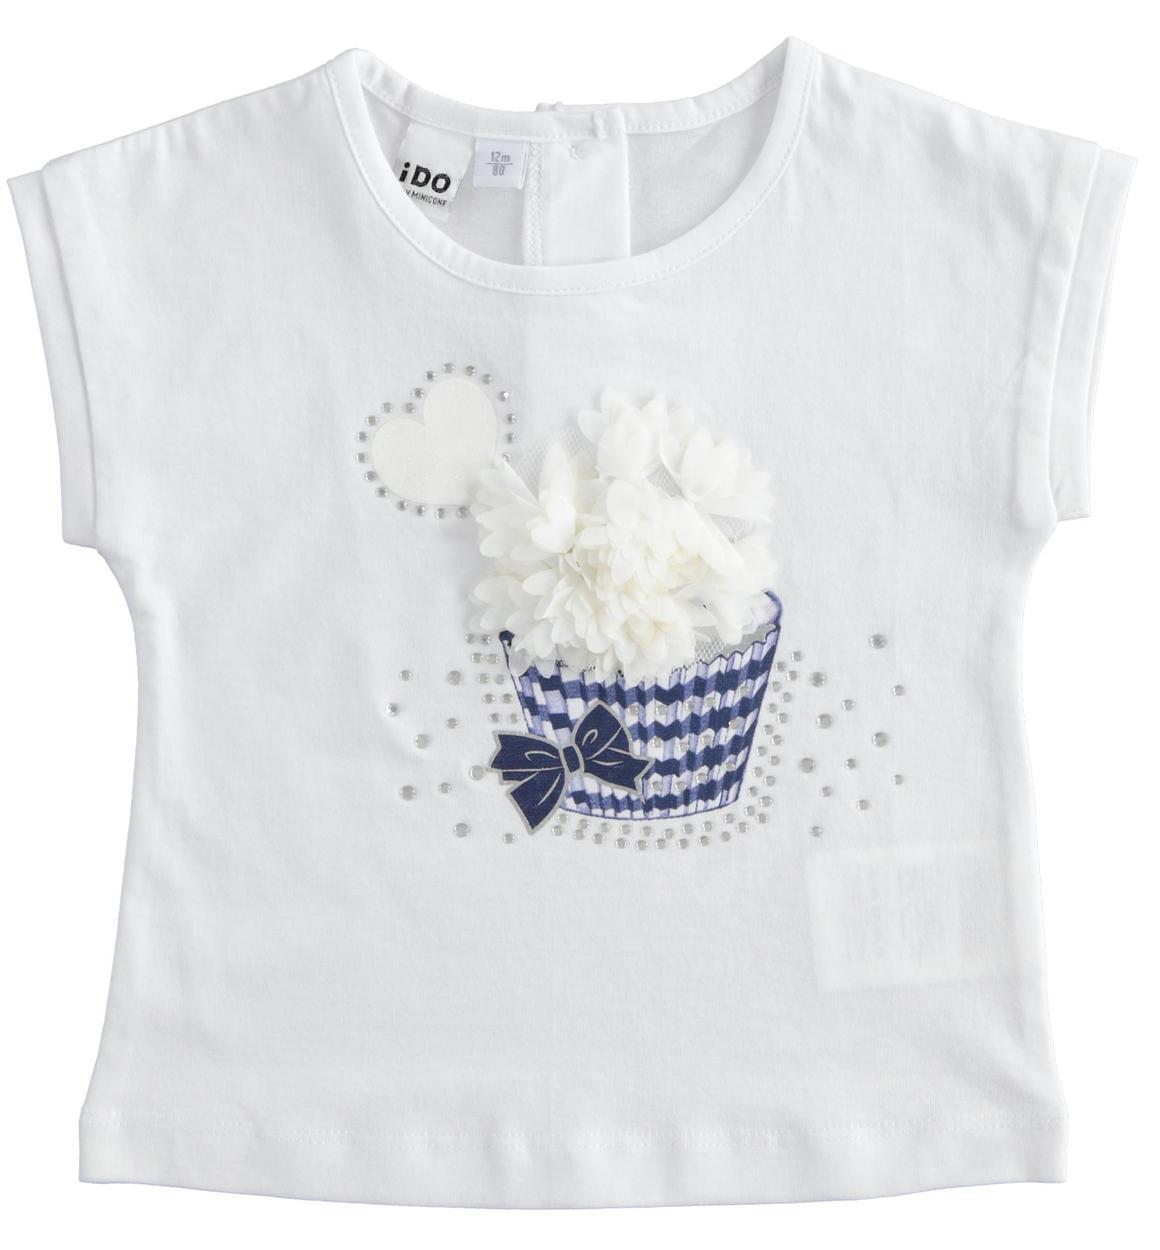 kislány gyerek pamut fehér póló muffin mintával